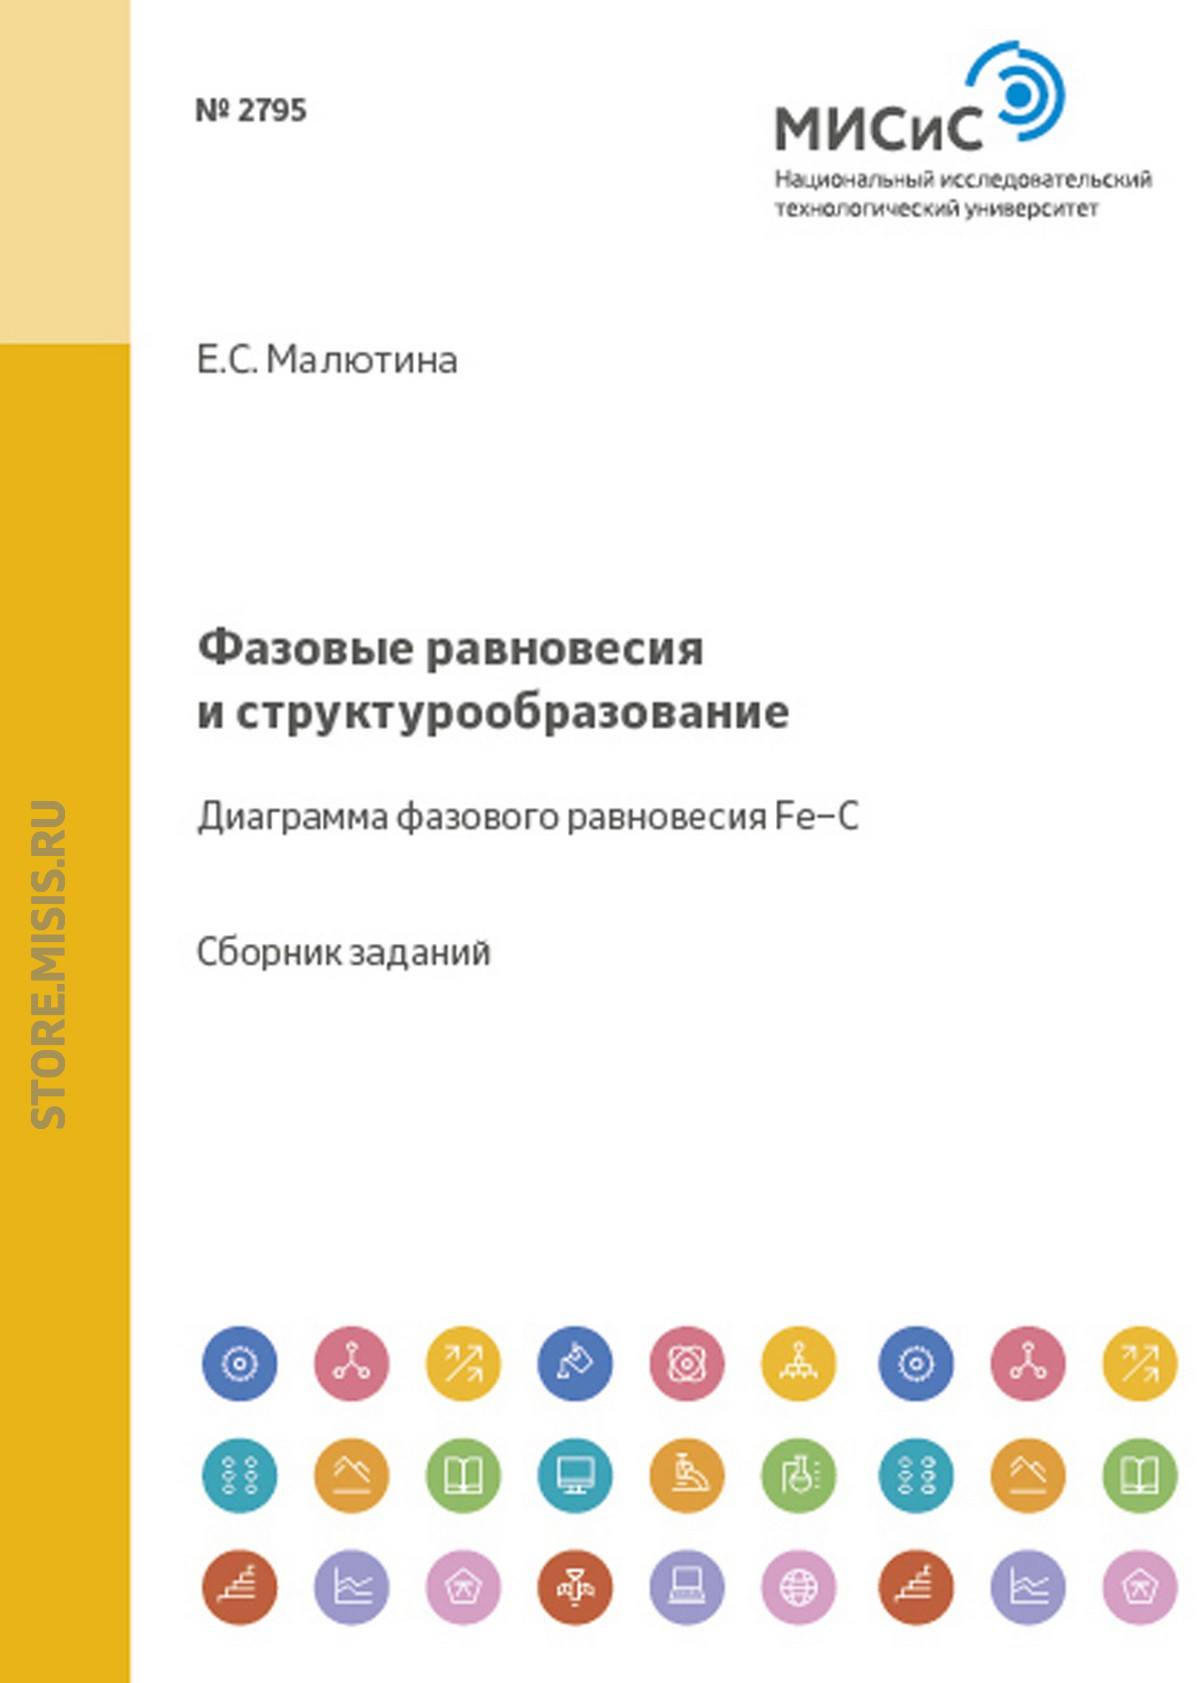 Фазовые равновесия и структурообразование. Диаграмма фазового равновесия Fe–C